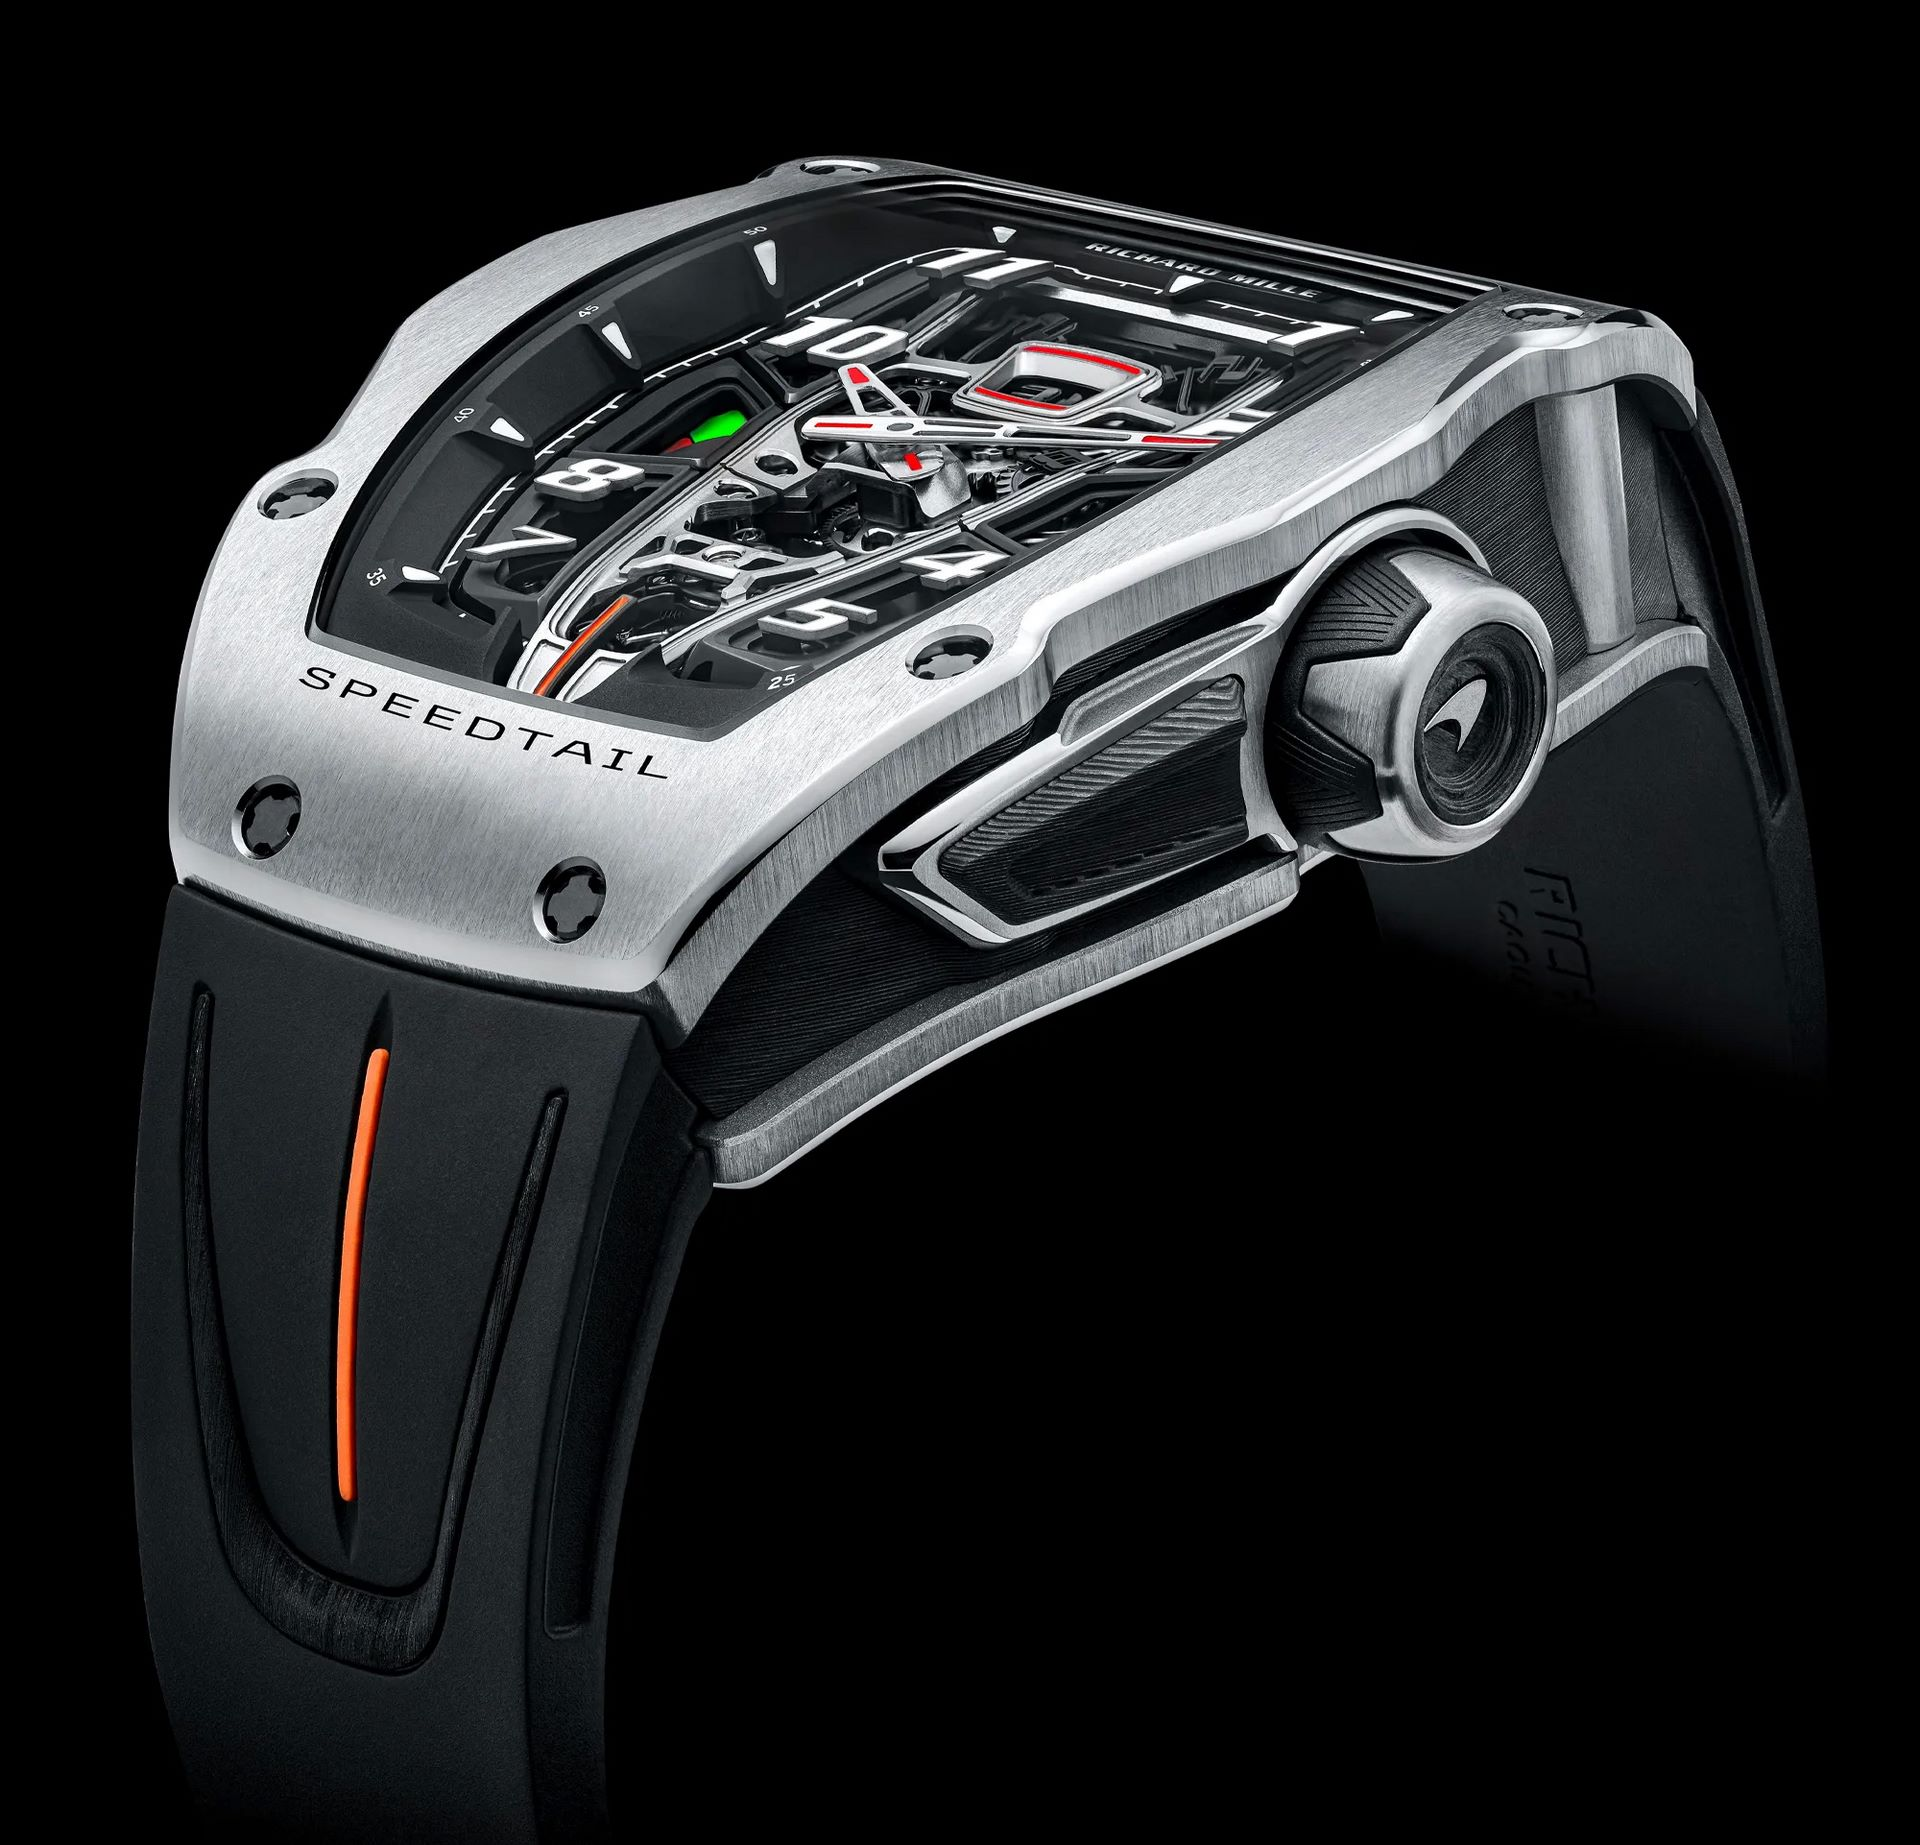 RM-40-01-Mclaren-Speedtail-7